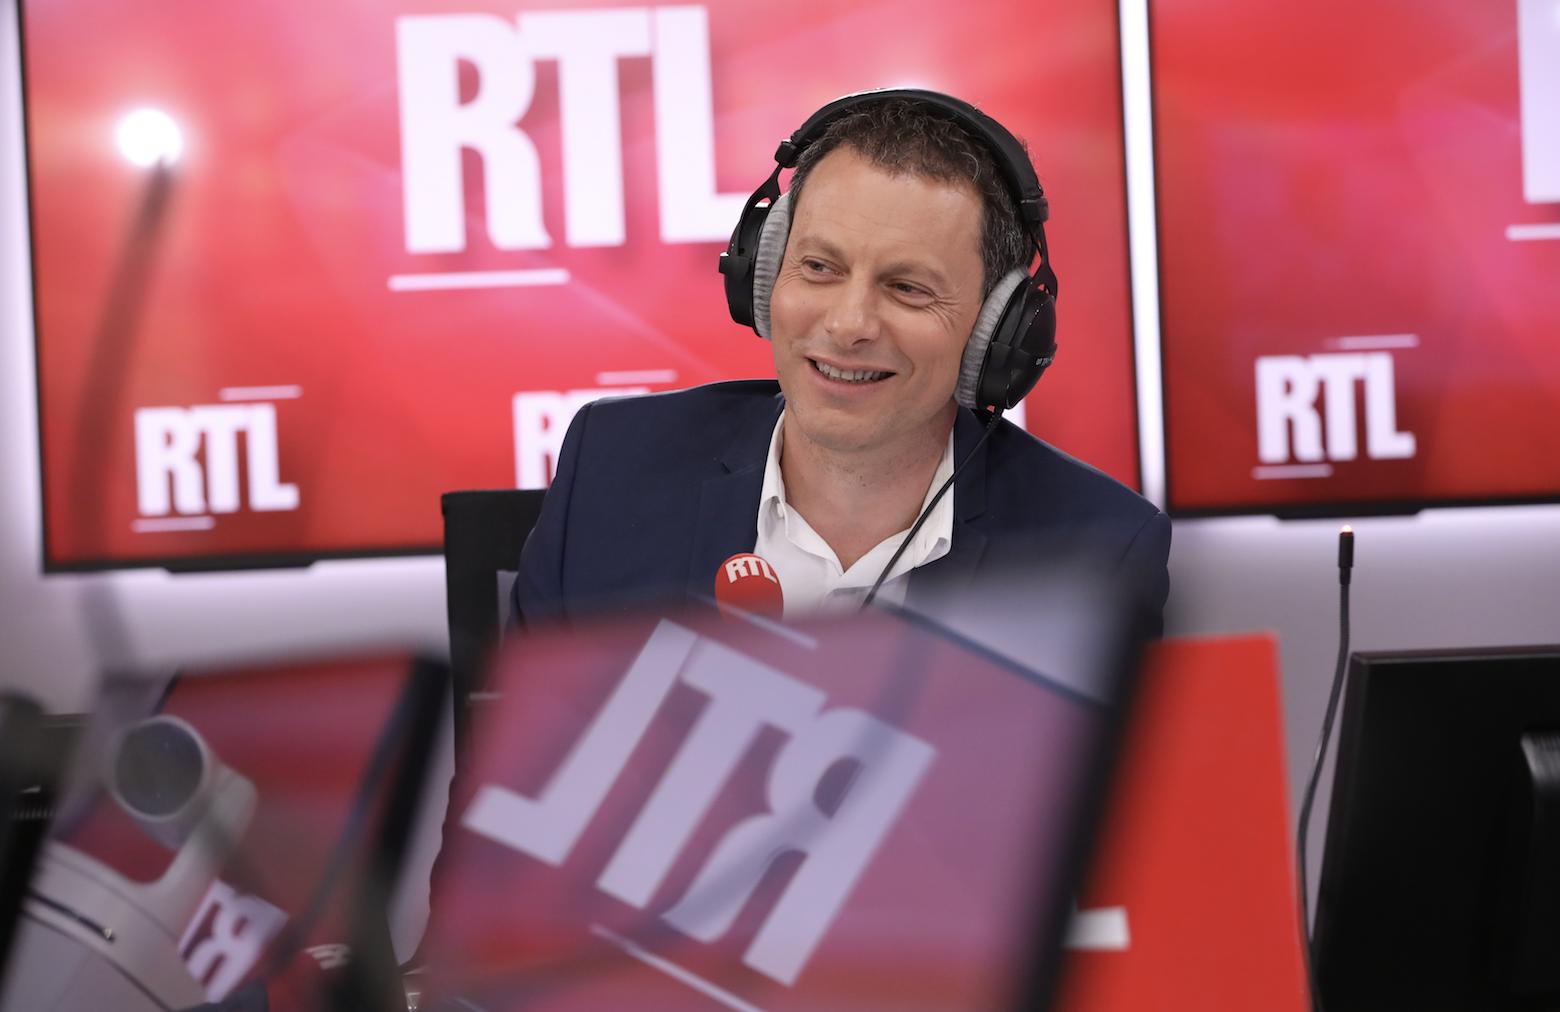 Depuis 2012, Marc-Olivier Fogiel présente le 18h / 20h sur RTL (photo RTL)